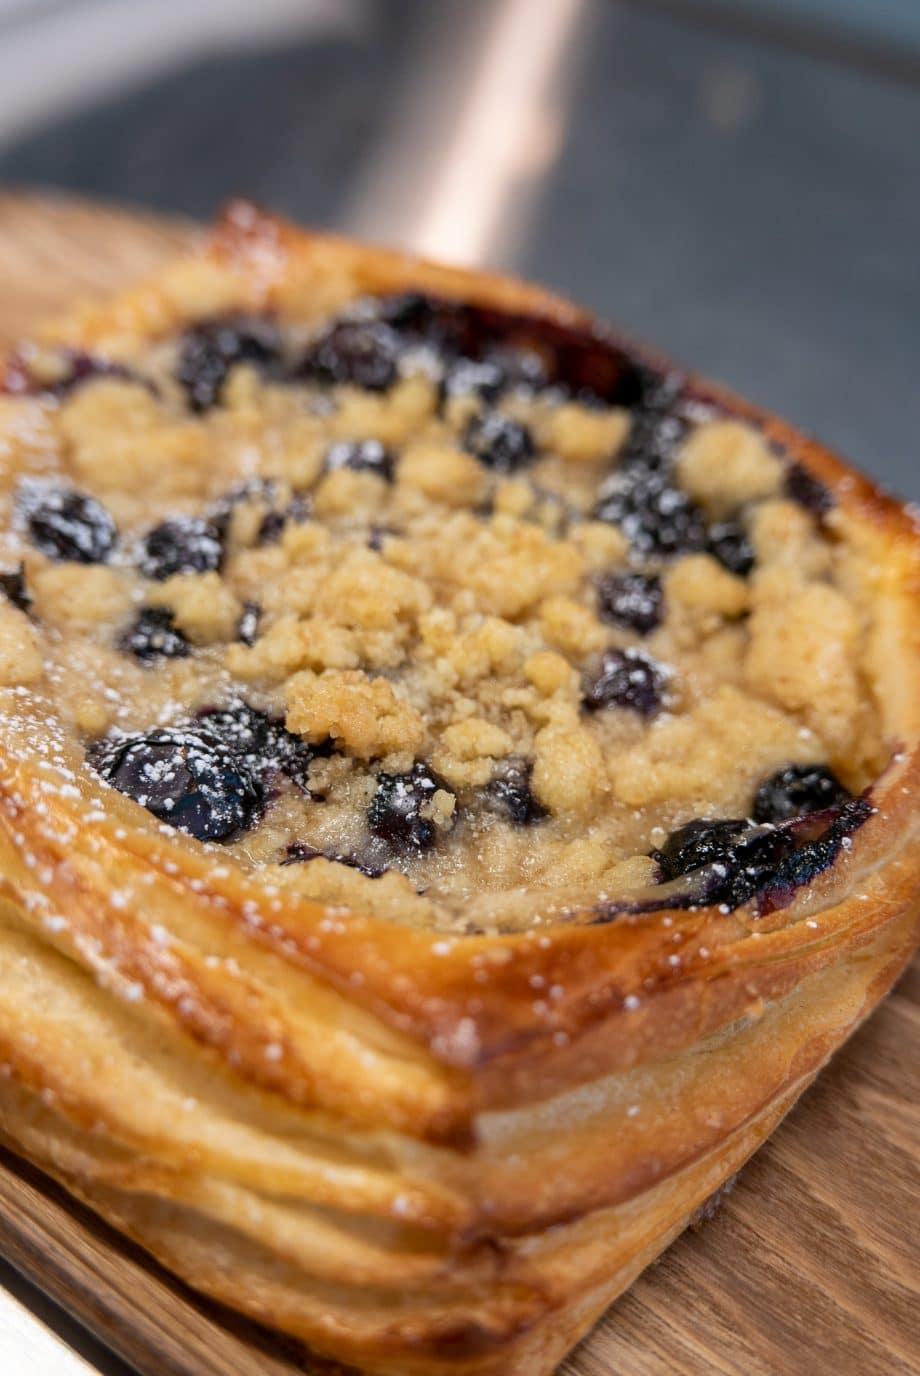 danes-blueberries-panitier-02